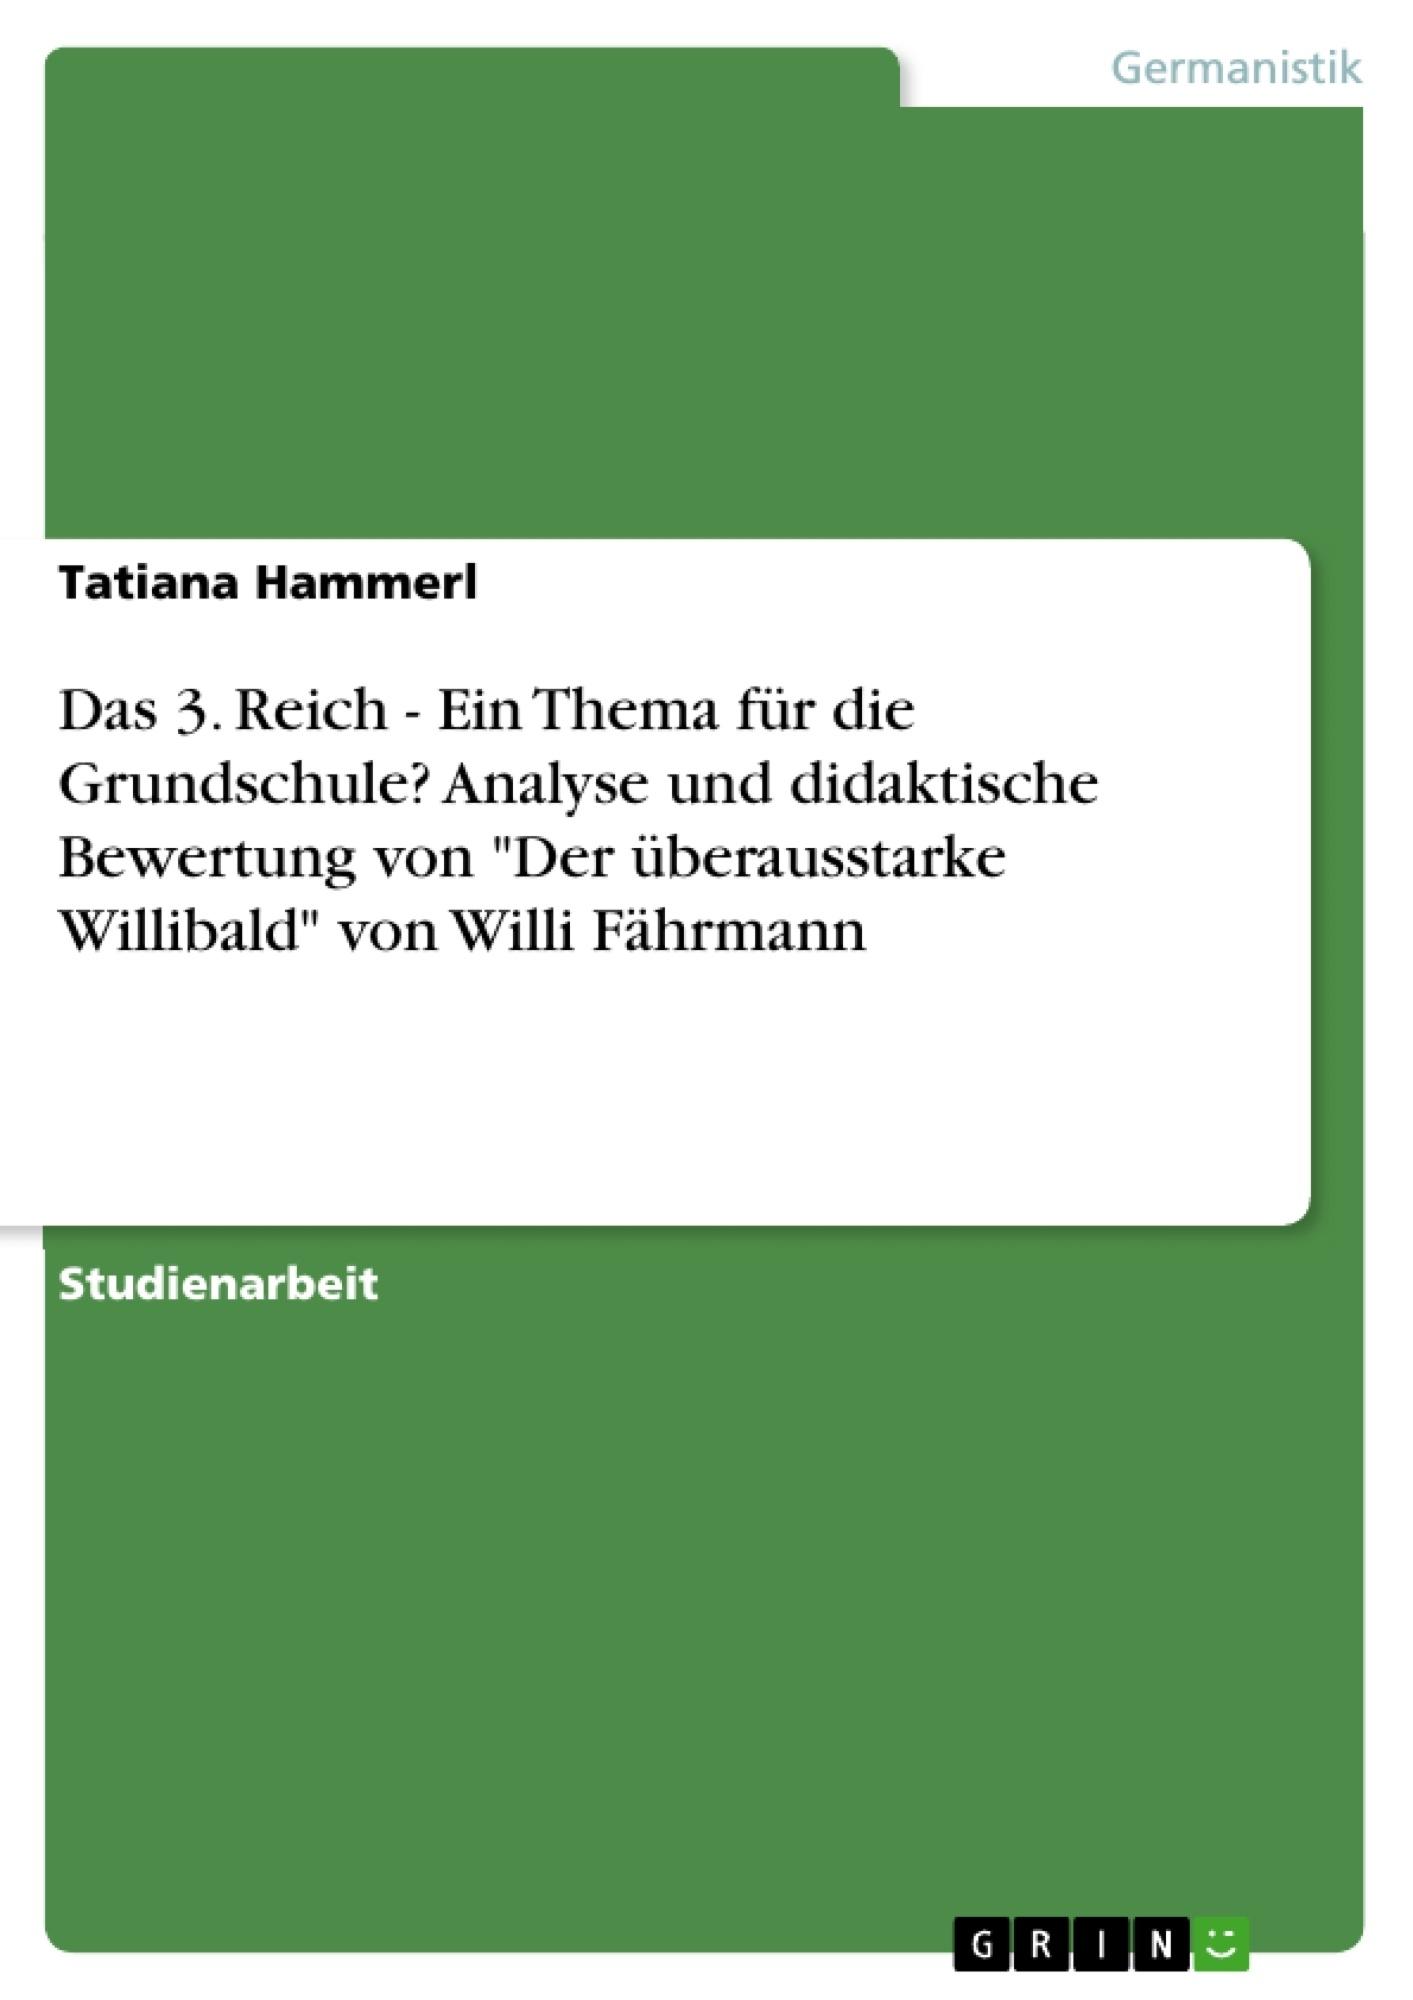 """Titel: Das 3. Reich - Ein Thema für die Grundschule? Analyse und didaktische Bewertung von """"Der überausstarke Willibald"""" von Willi Fährmann"""